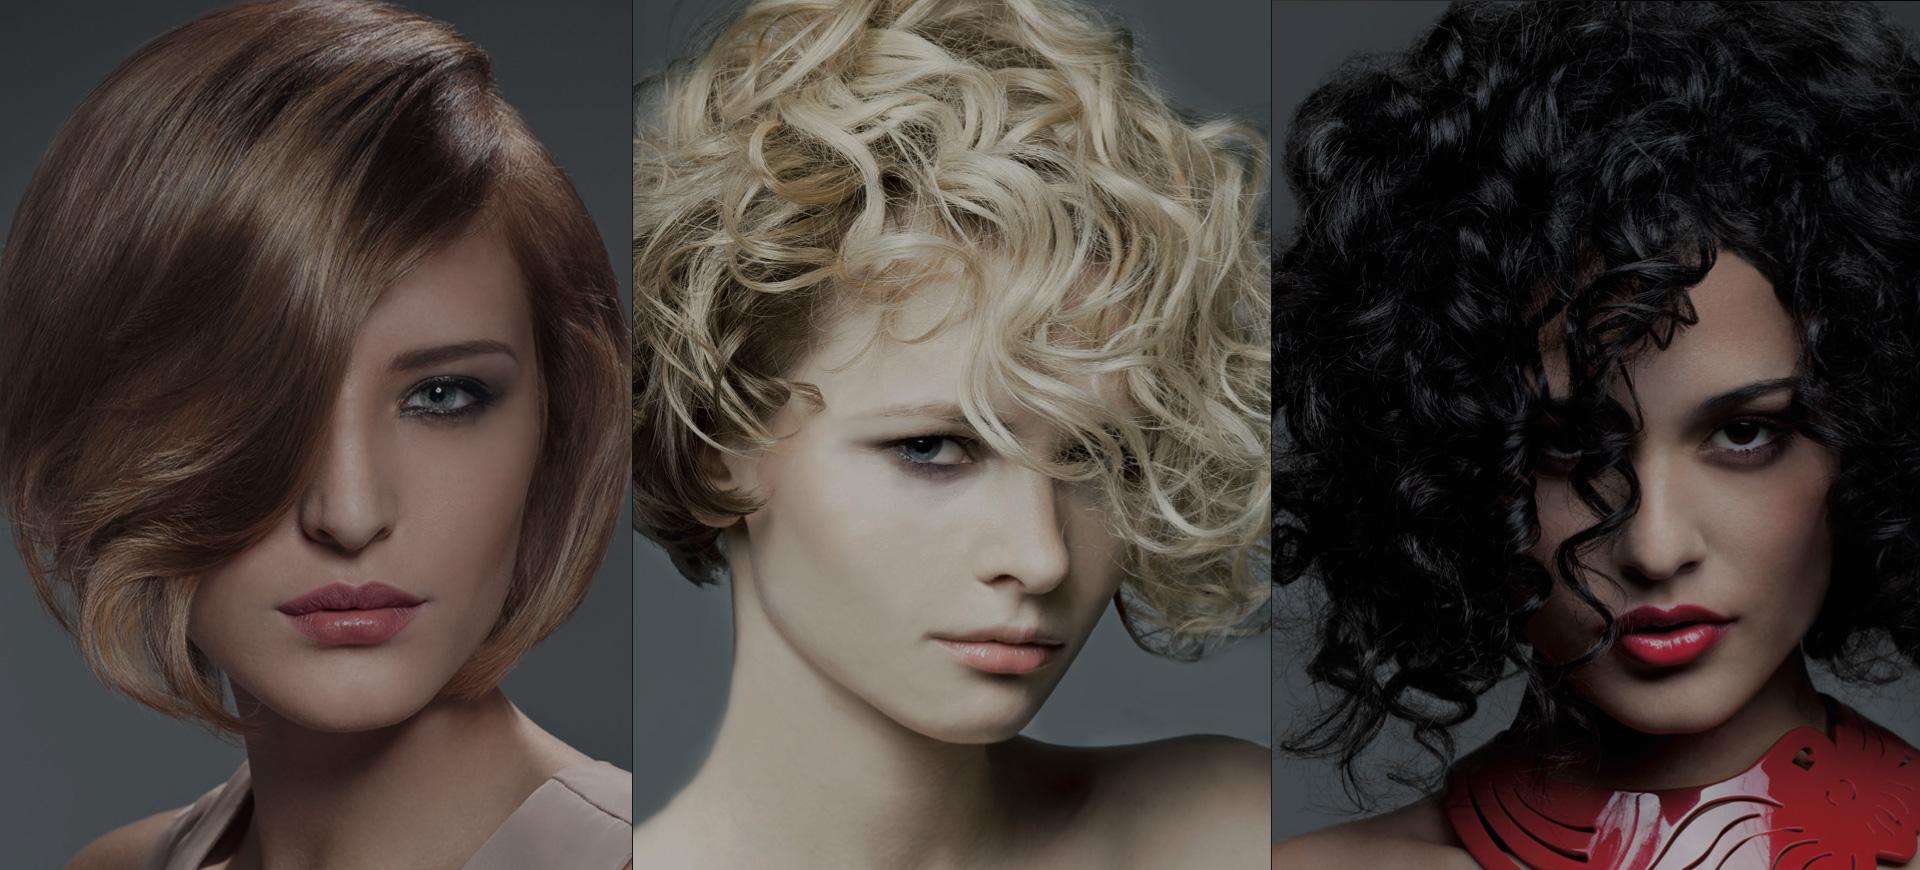 три девушки с разным цветом волос